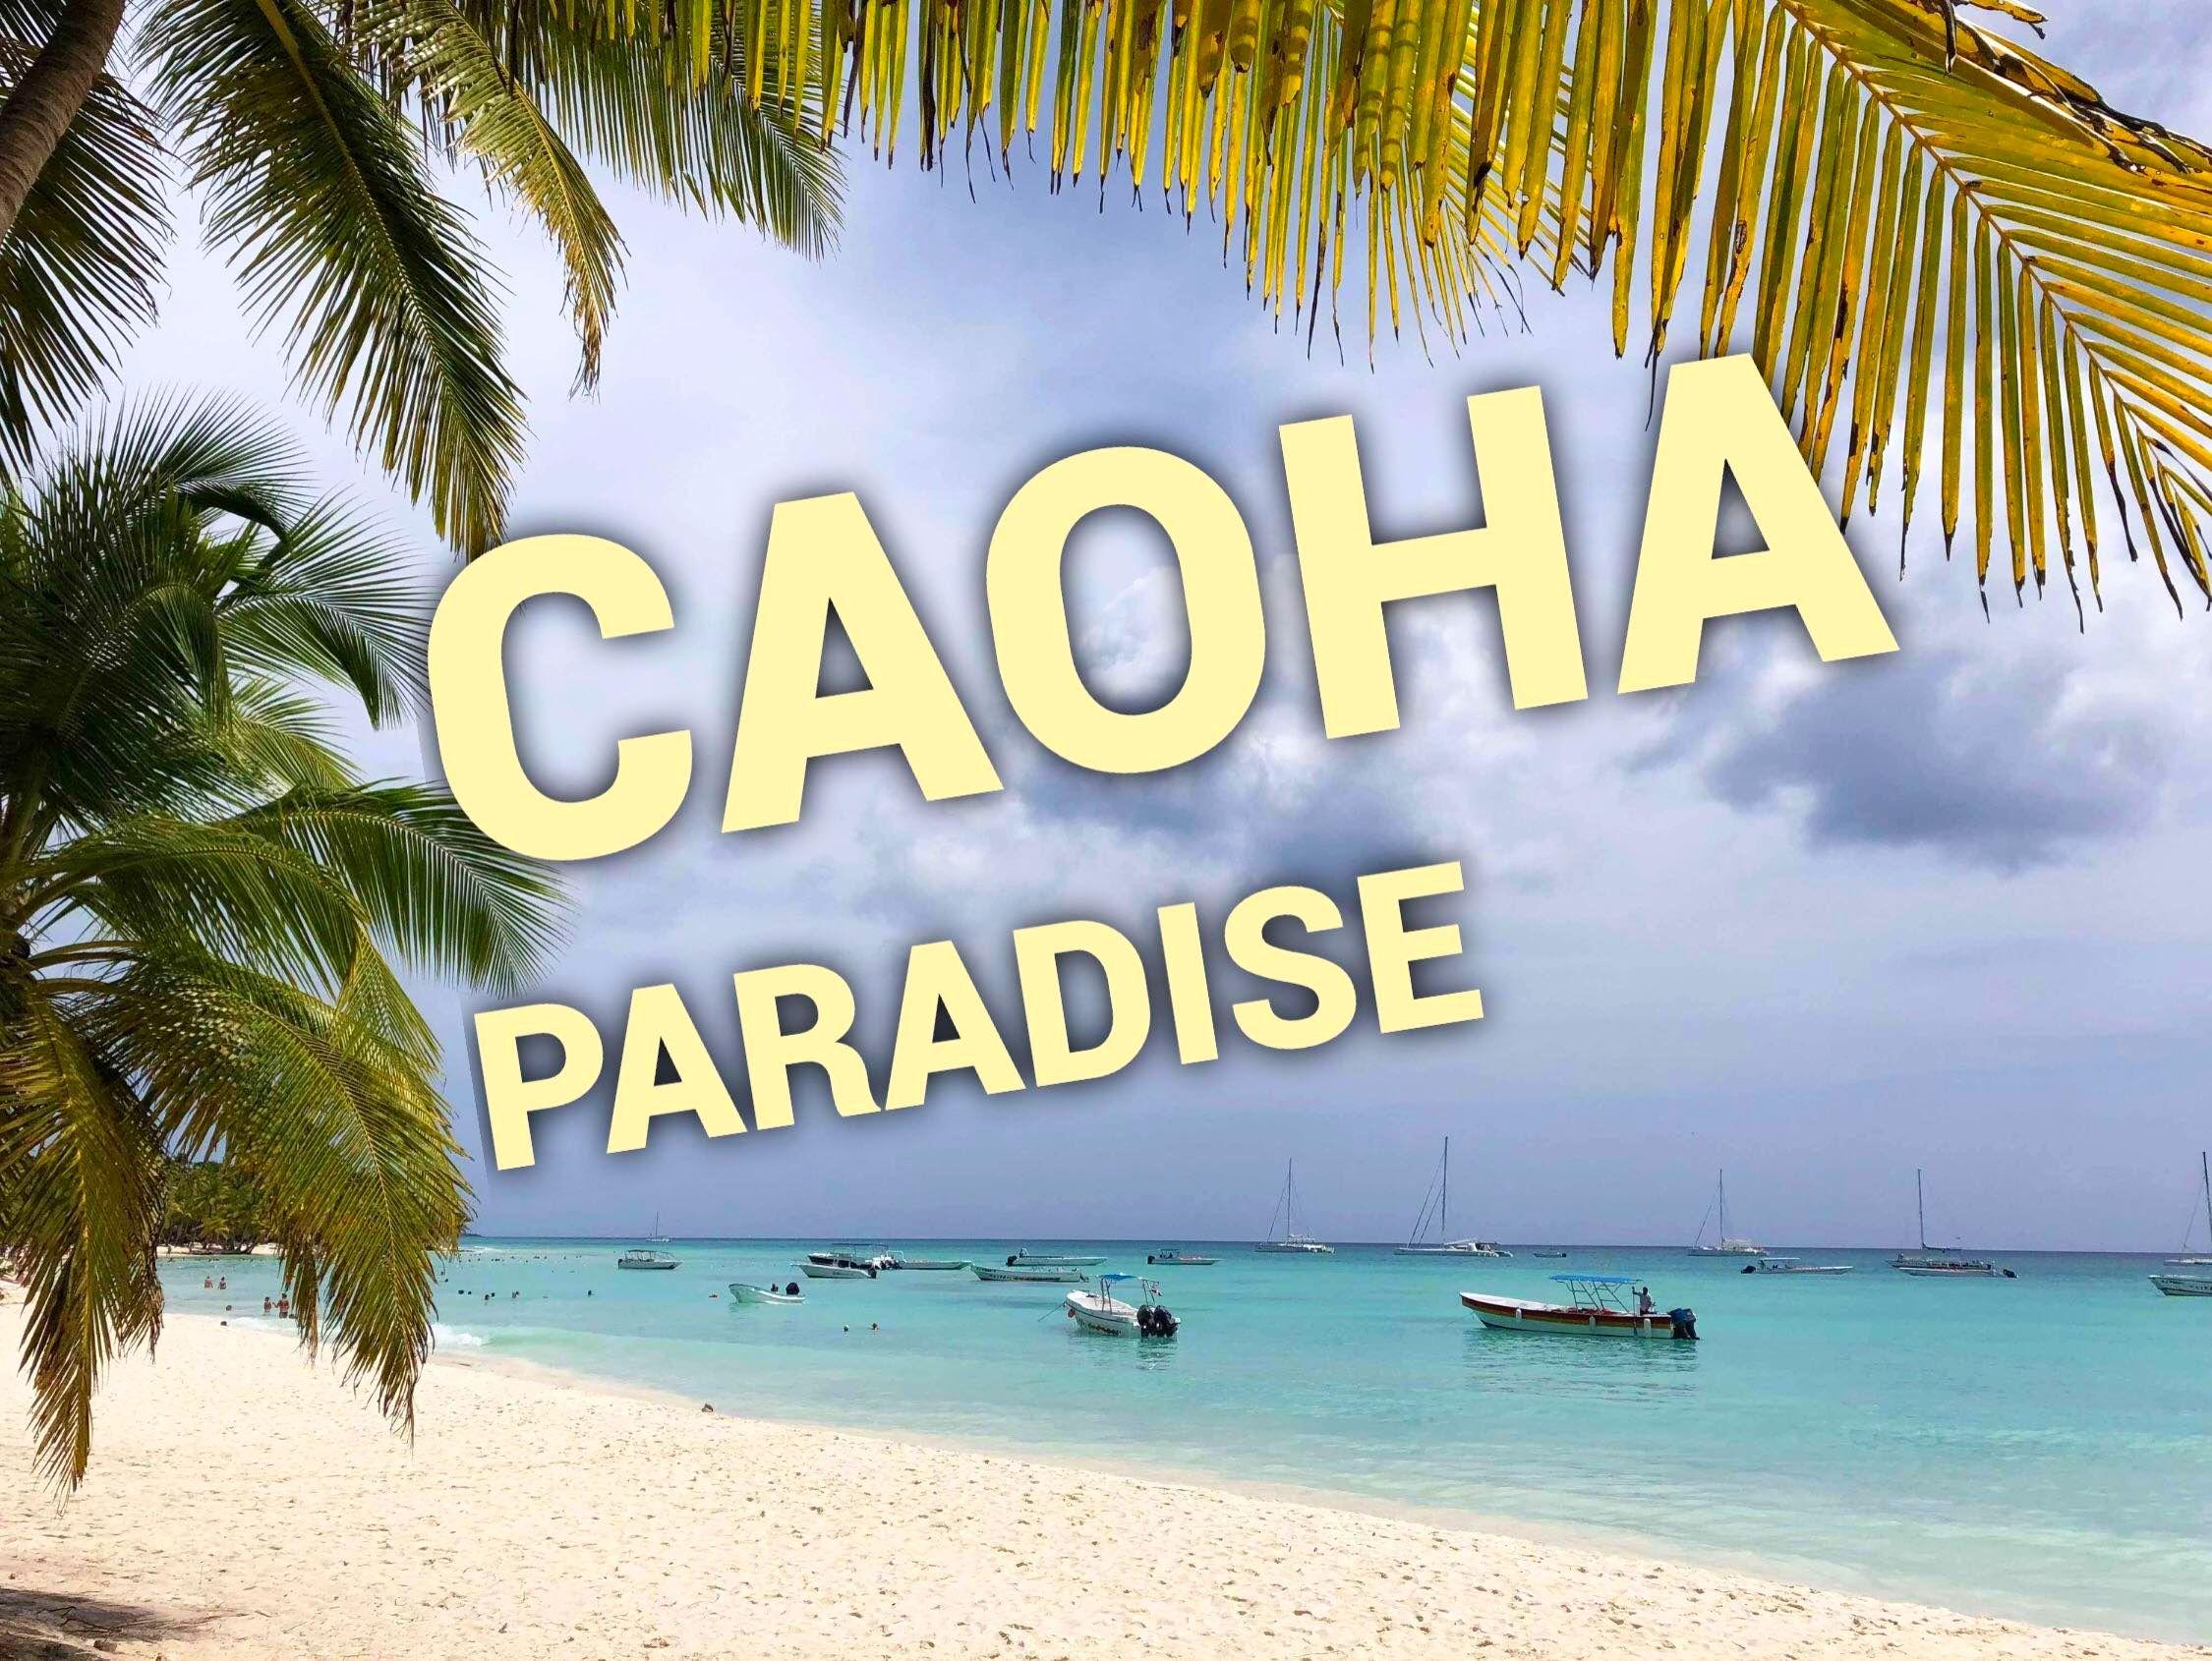 Саона Paradise от iDominicana.com: как проходит экскурсия. Видео